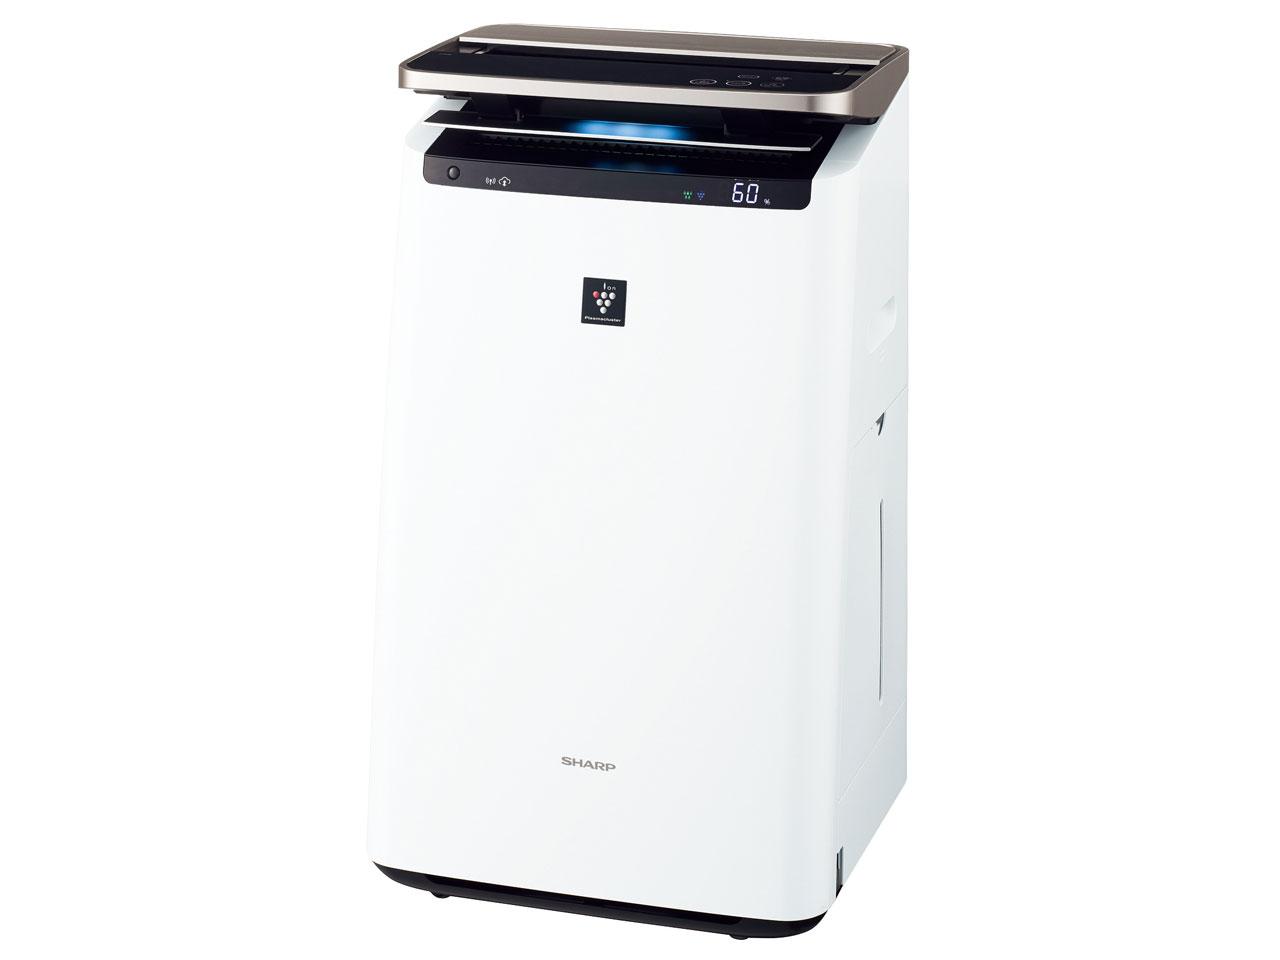 【新品/在庫あり】加湿空気清浄機 KI-JP100-W ホワイト